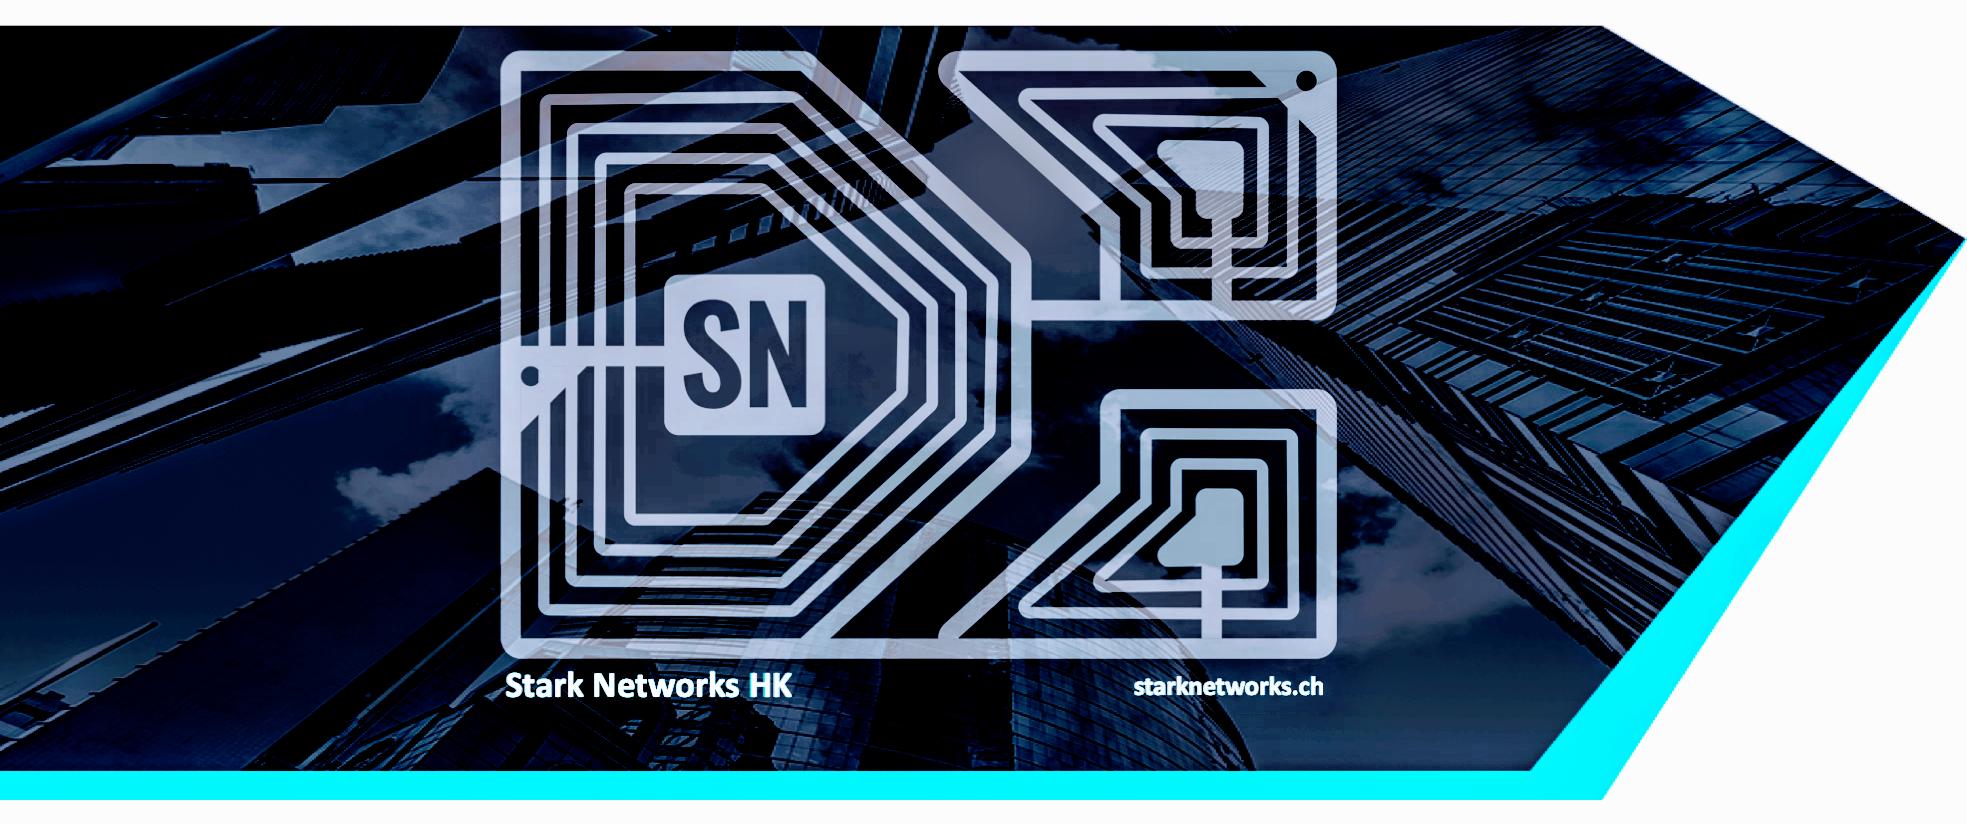 Stark Networks HK header